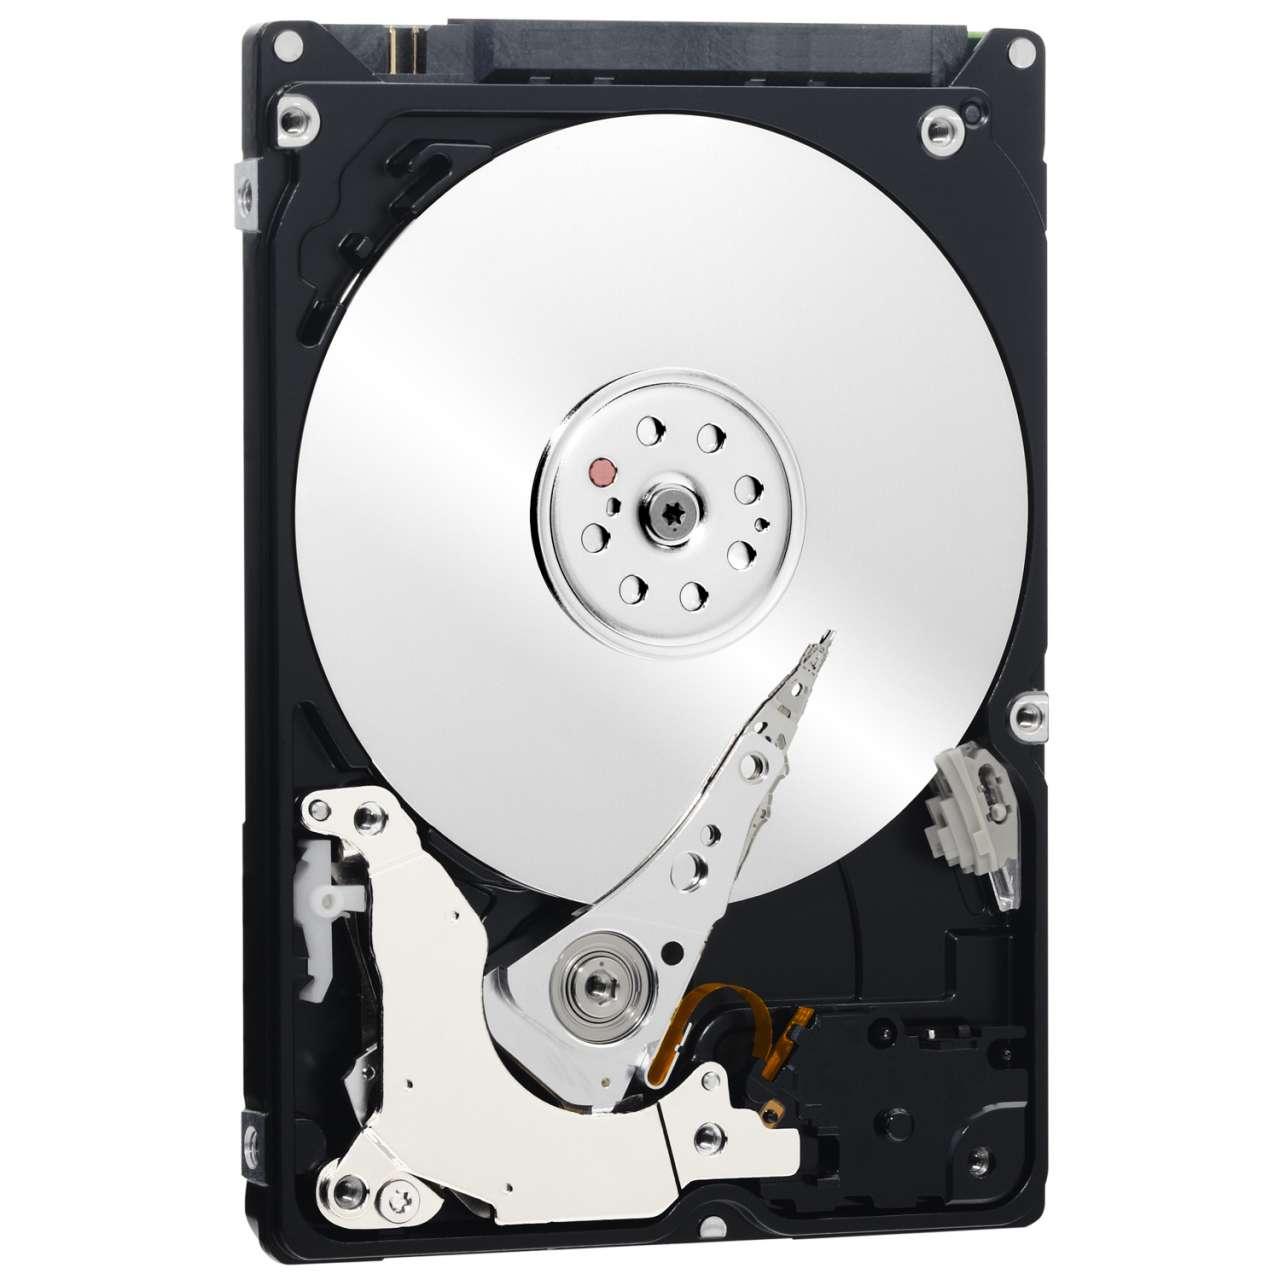 HDD WD Black WD1003FZEX 1TB/8,9/600/72 Sata III 64MB